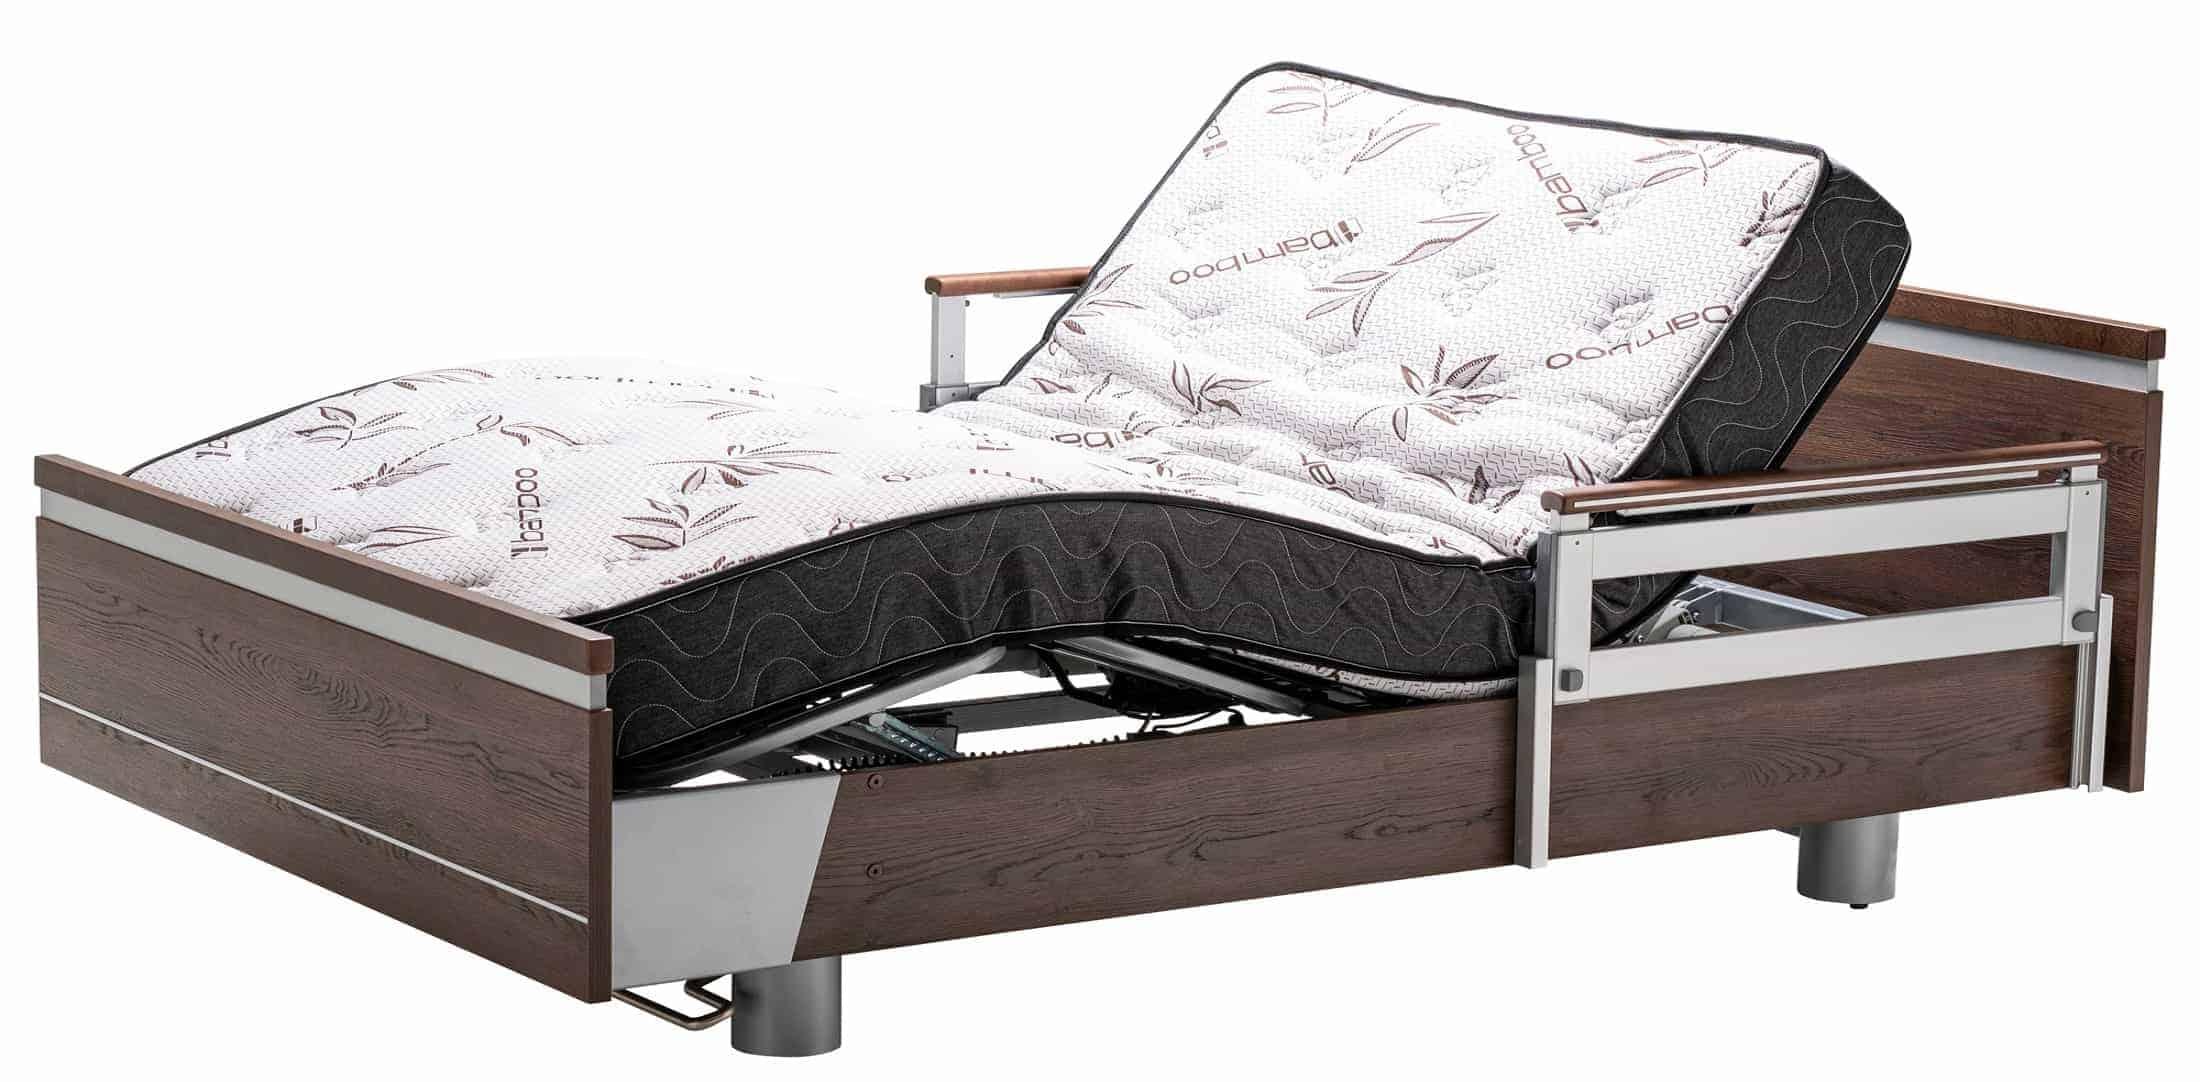 SonderCare Aura™ Wide Hospital Bed Contour Position